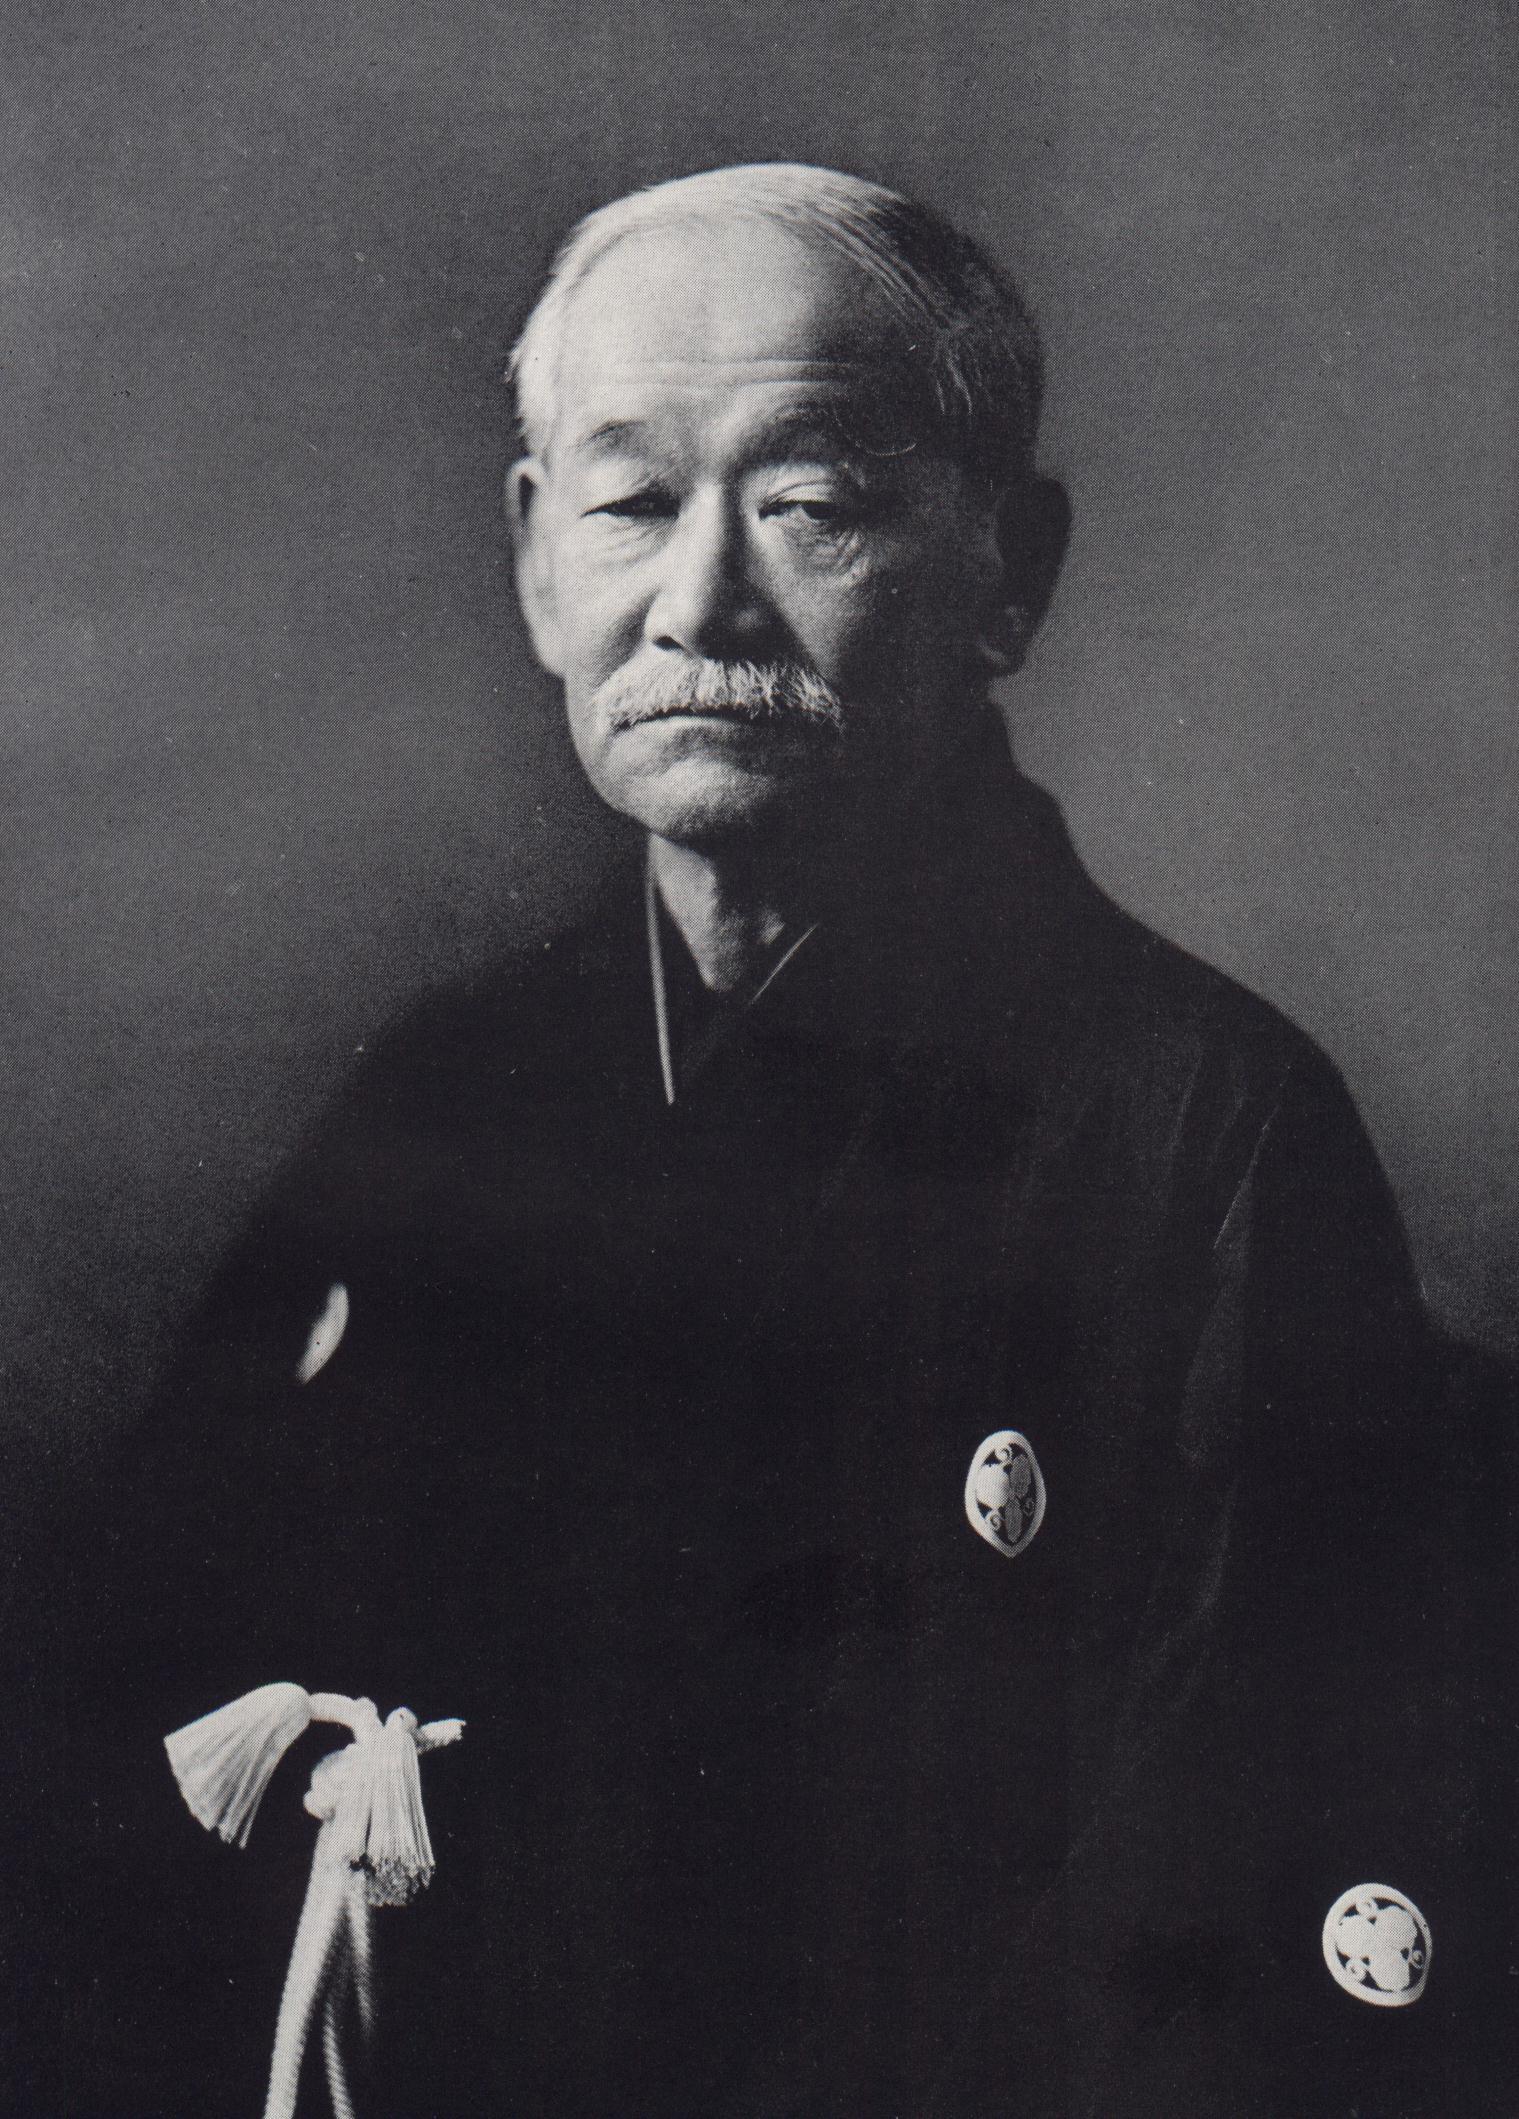 Jigaro Kano - The Founder Of Judo